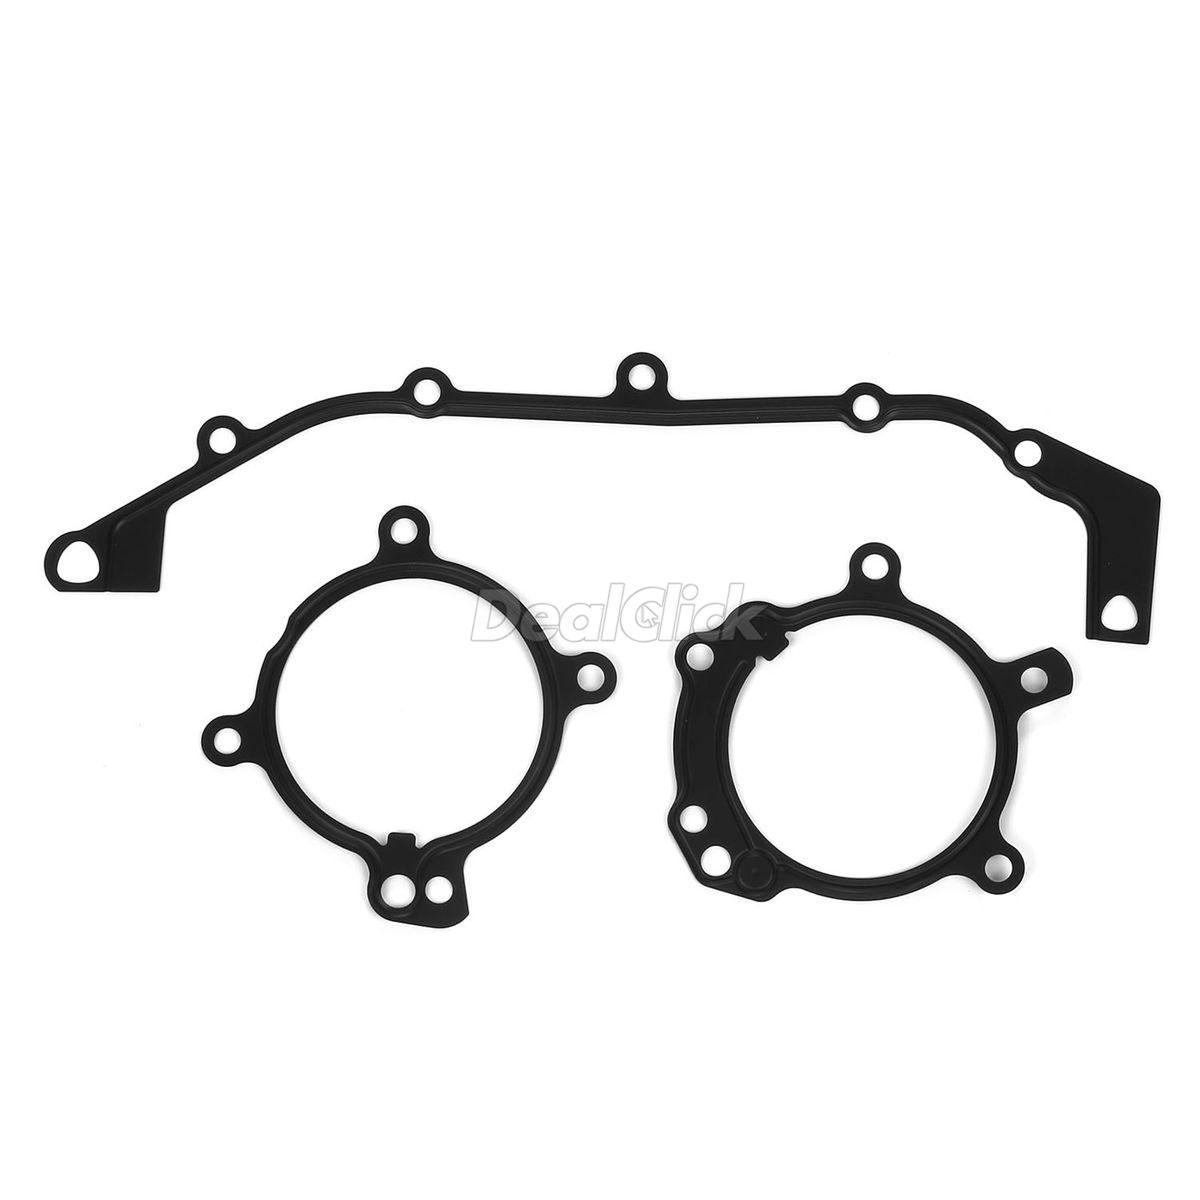 For Bmw 3 Series E39 E46 E36 98 05 Dual Vanos O Ring Seal